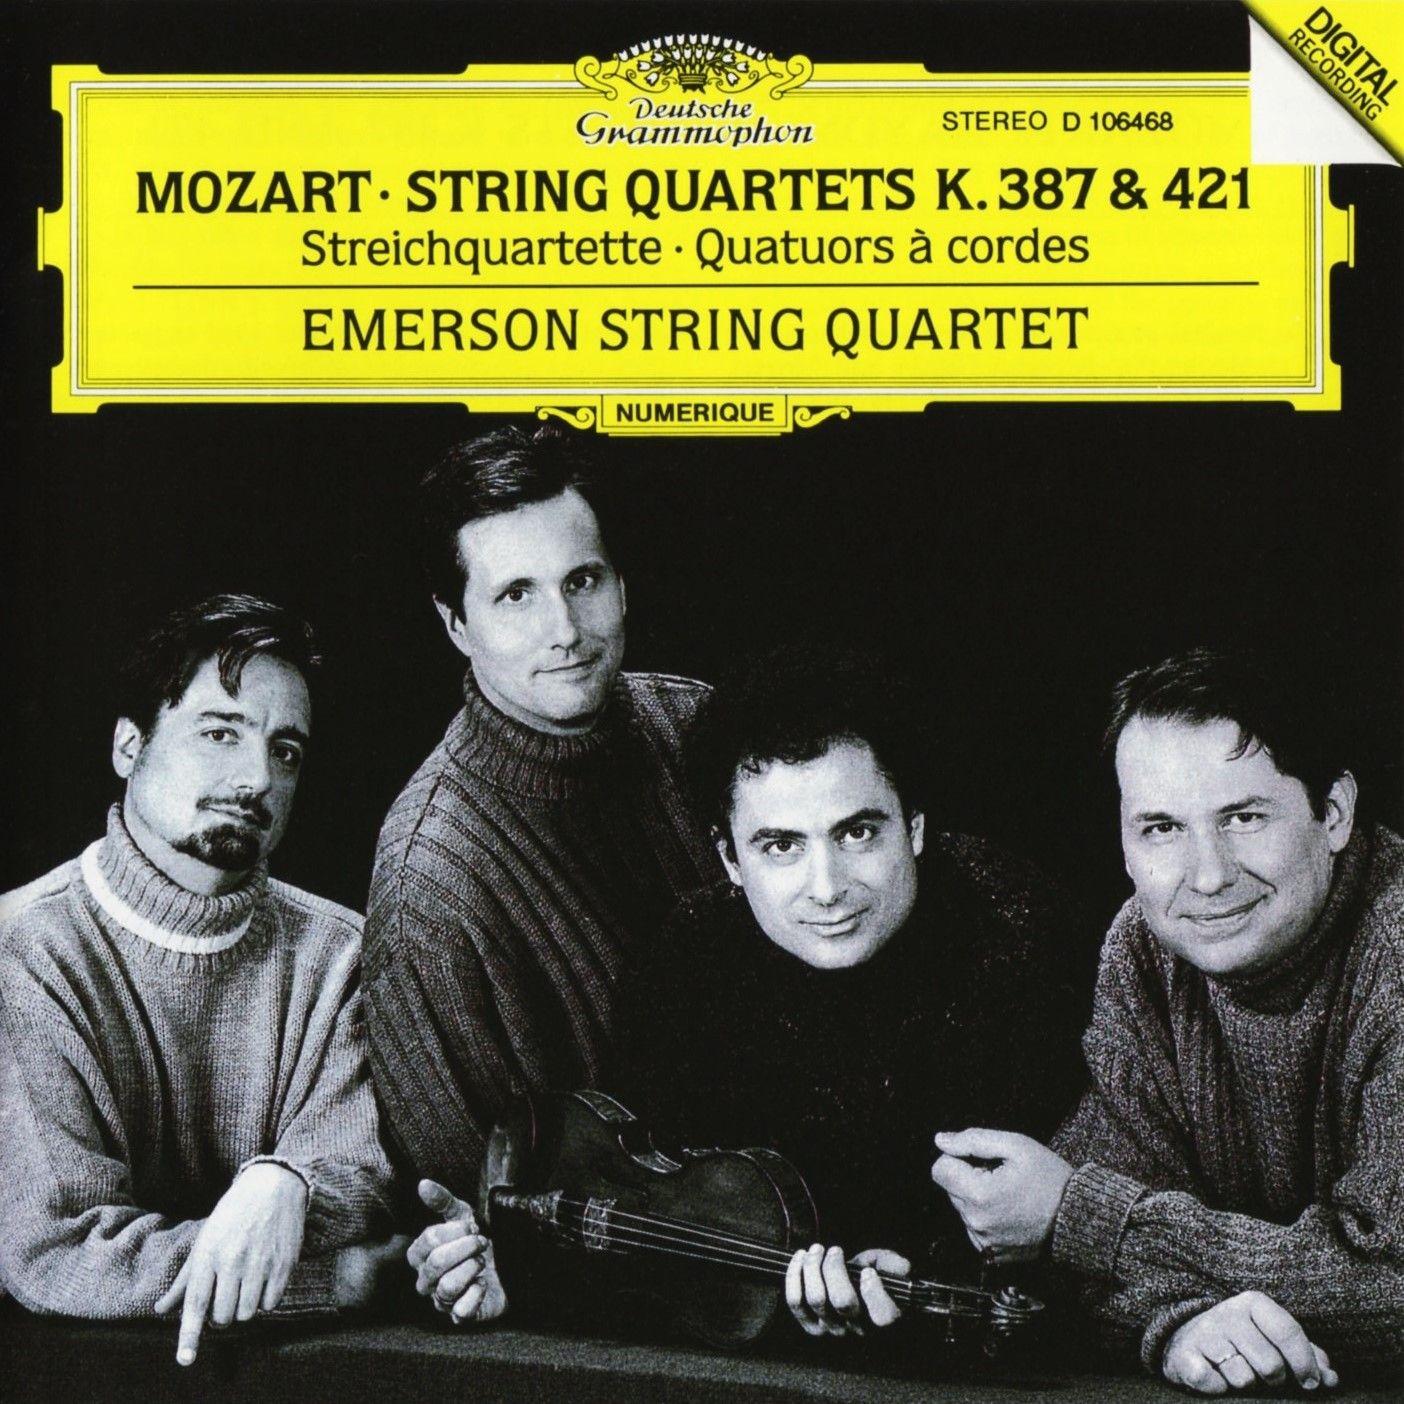 Mozart, String Quartets K  387 & 421, Emerson String Quartet